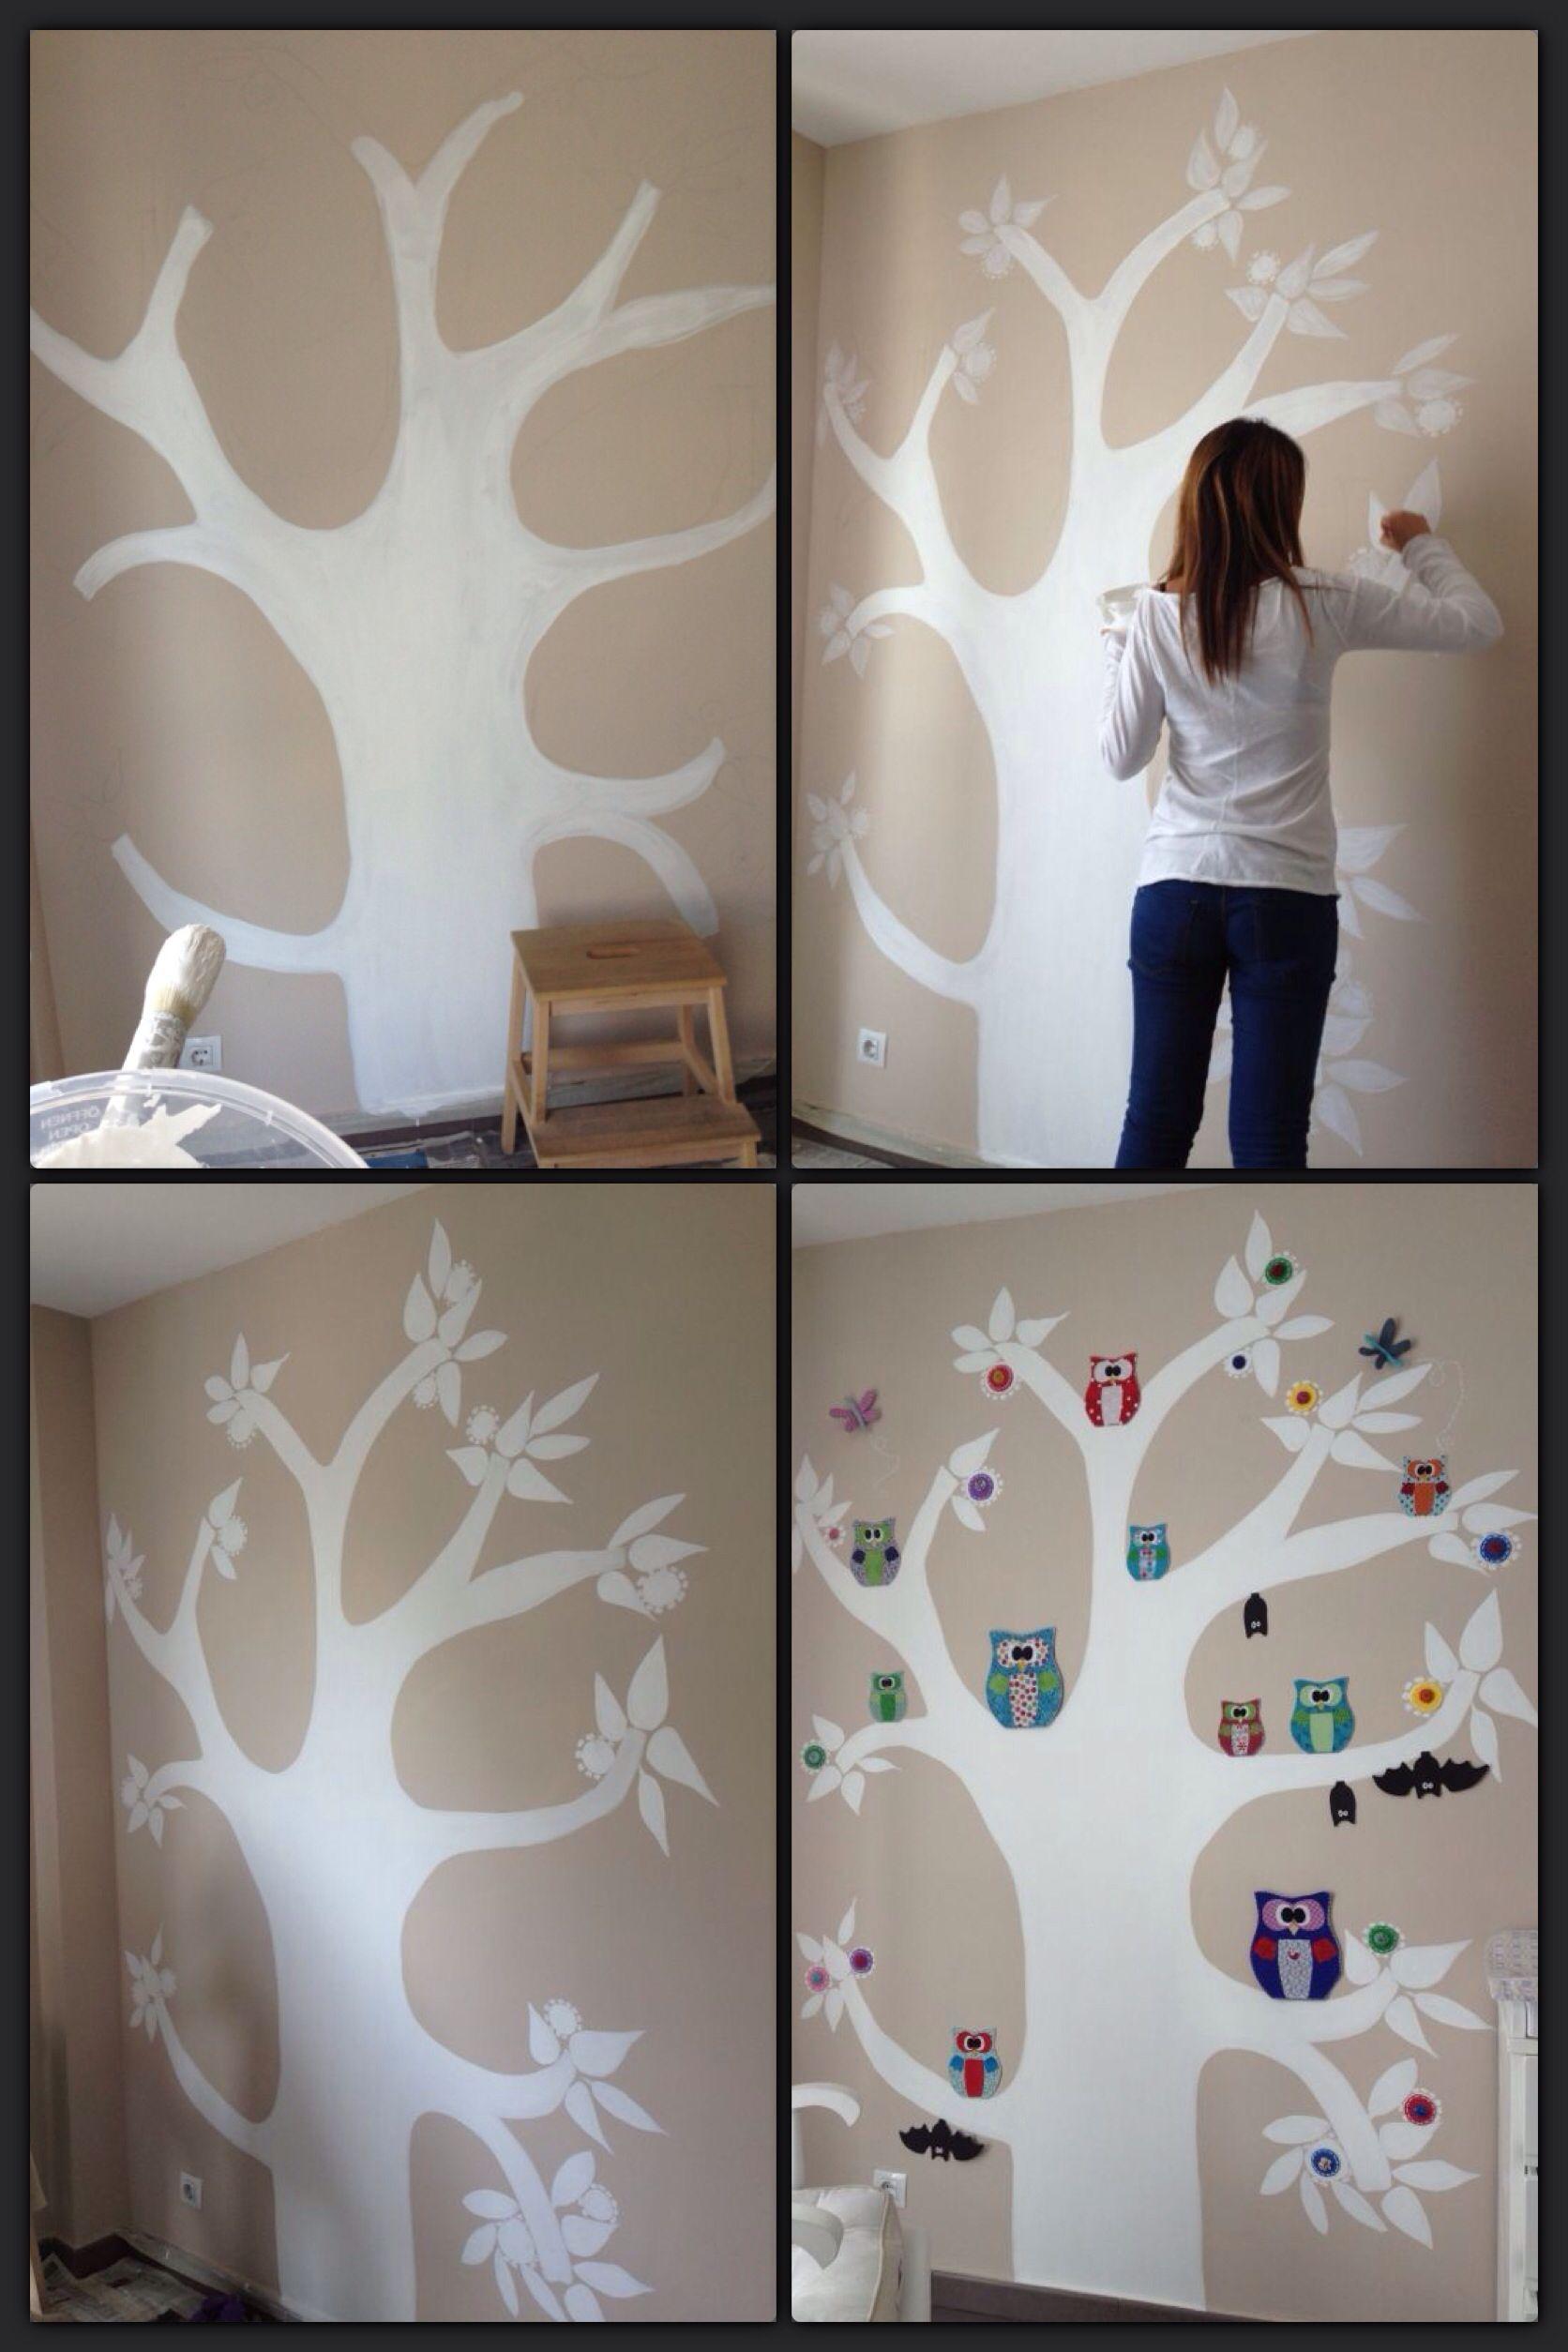 Pintura mural en dormitorio infantil - Pintura dormitorios infantiles ...